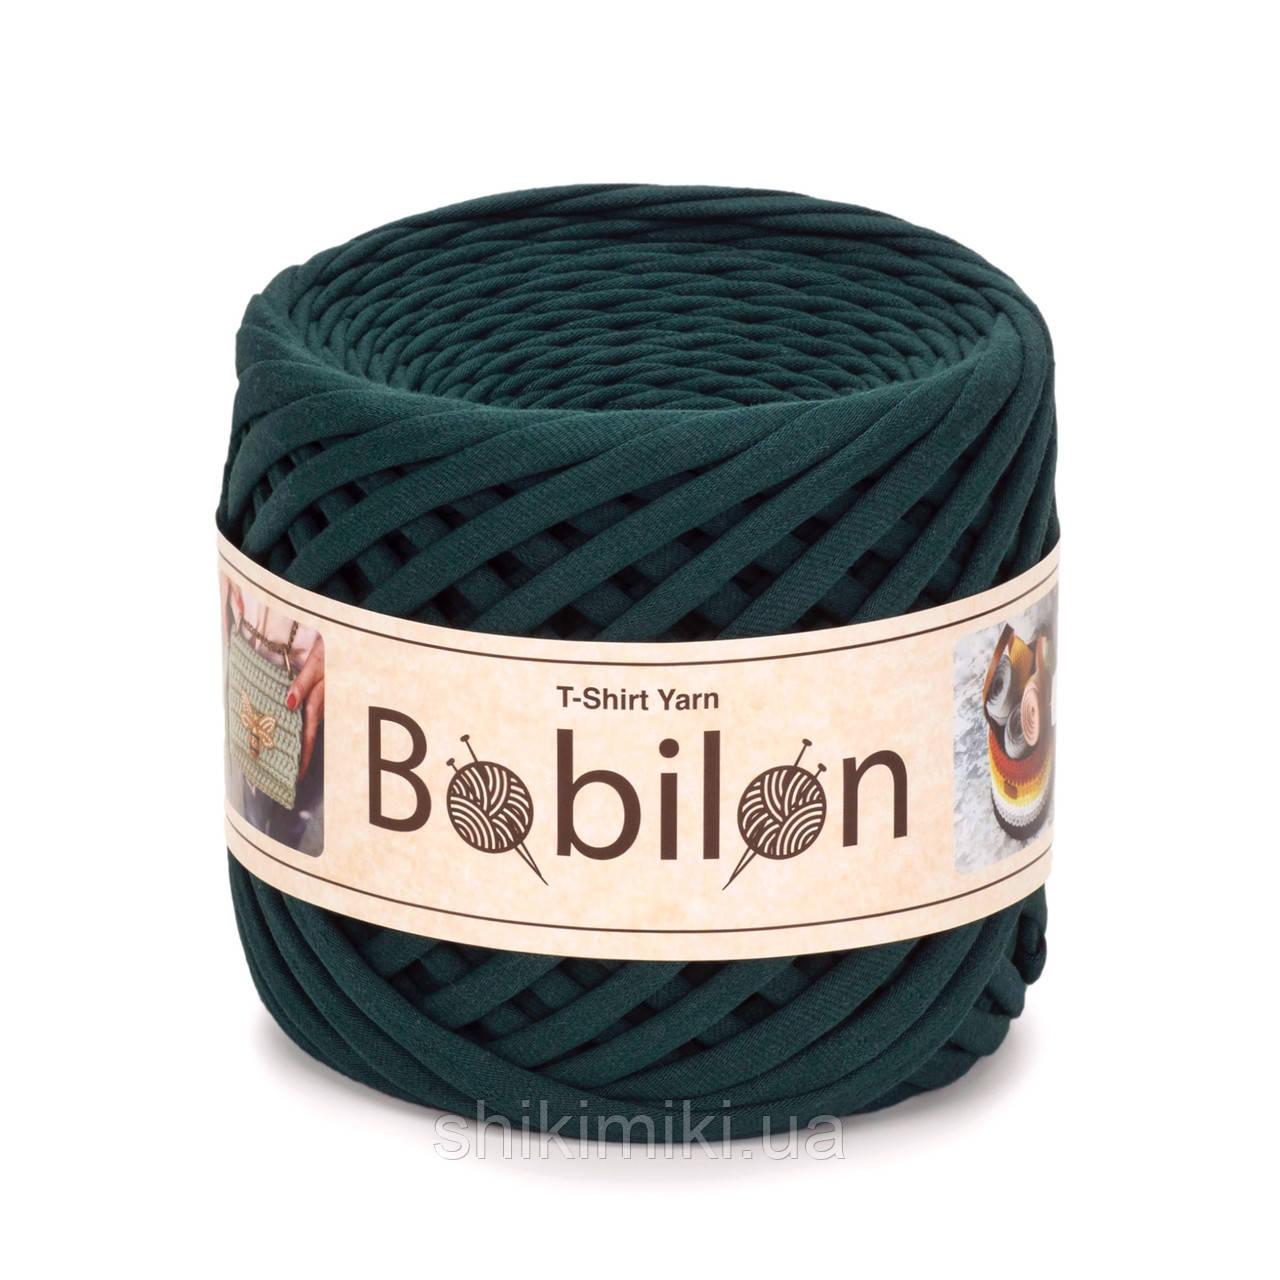 Пряжа трикотажна Bobilon (7-9 мм), колір Темно-зелений